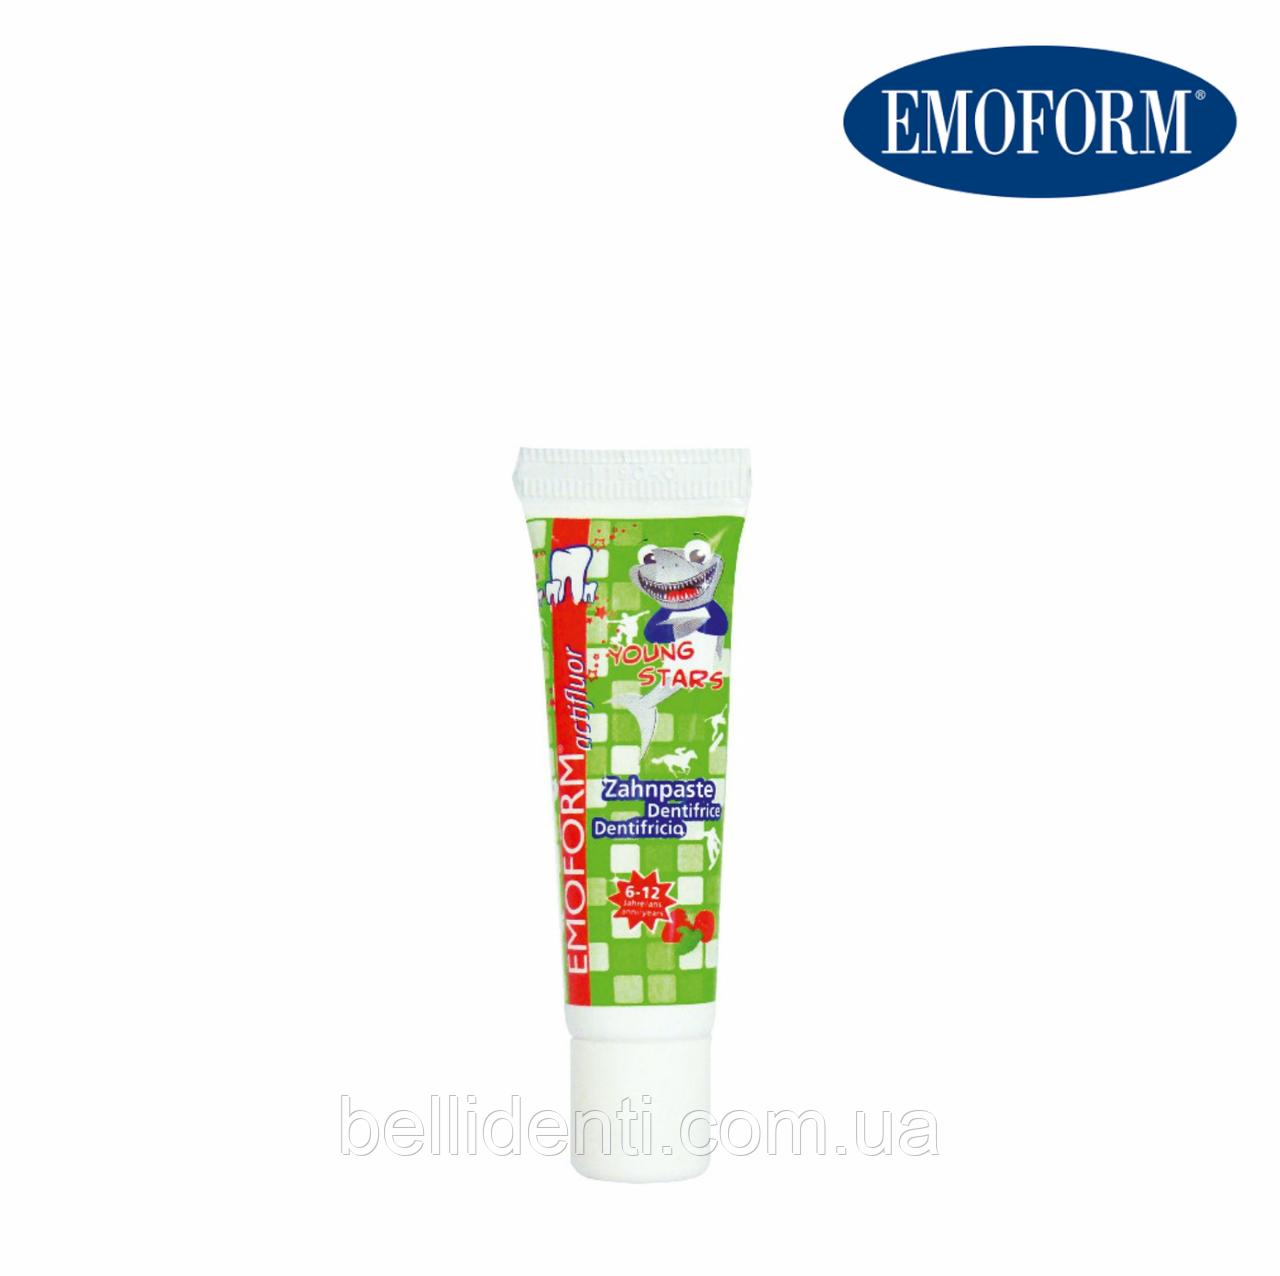 EMOFORM actifluor Youngstars Детская зубная паста (6-12 лет), 12 мл